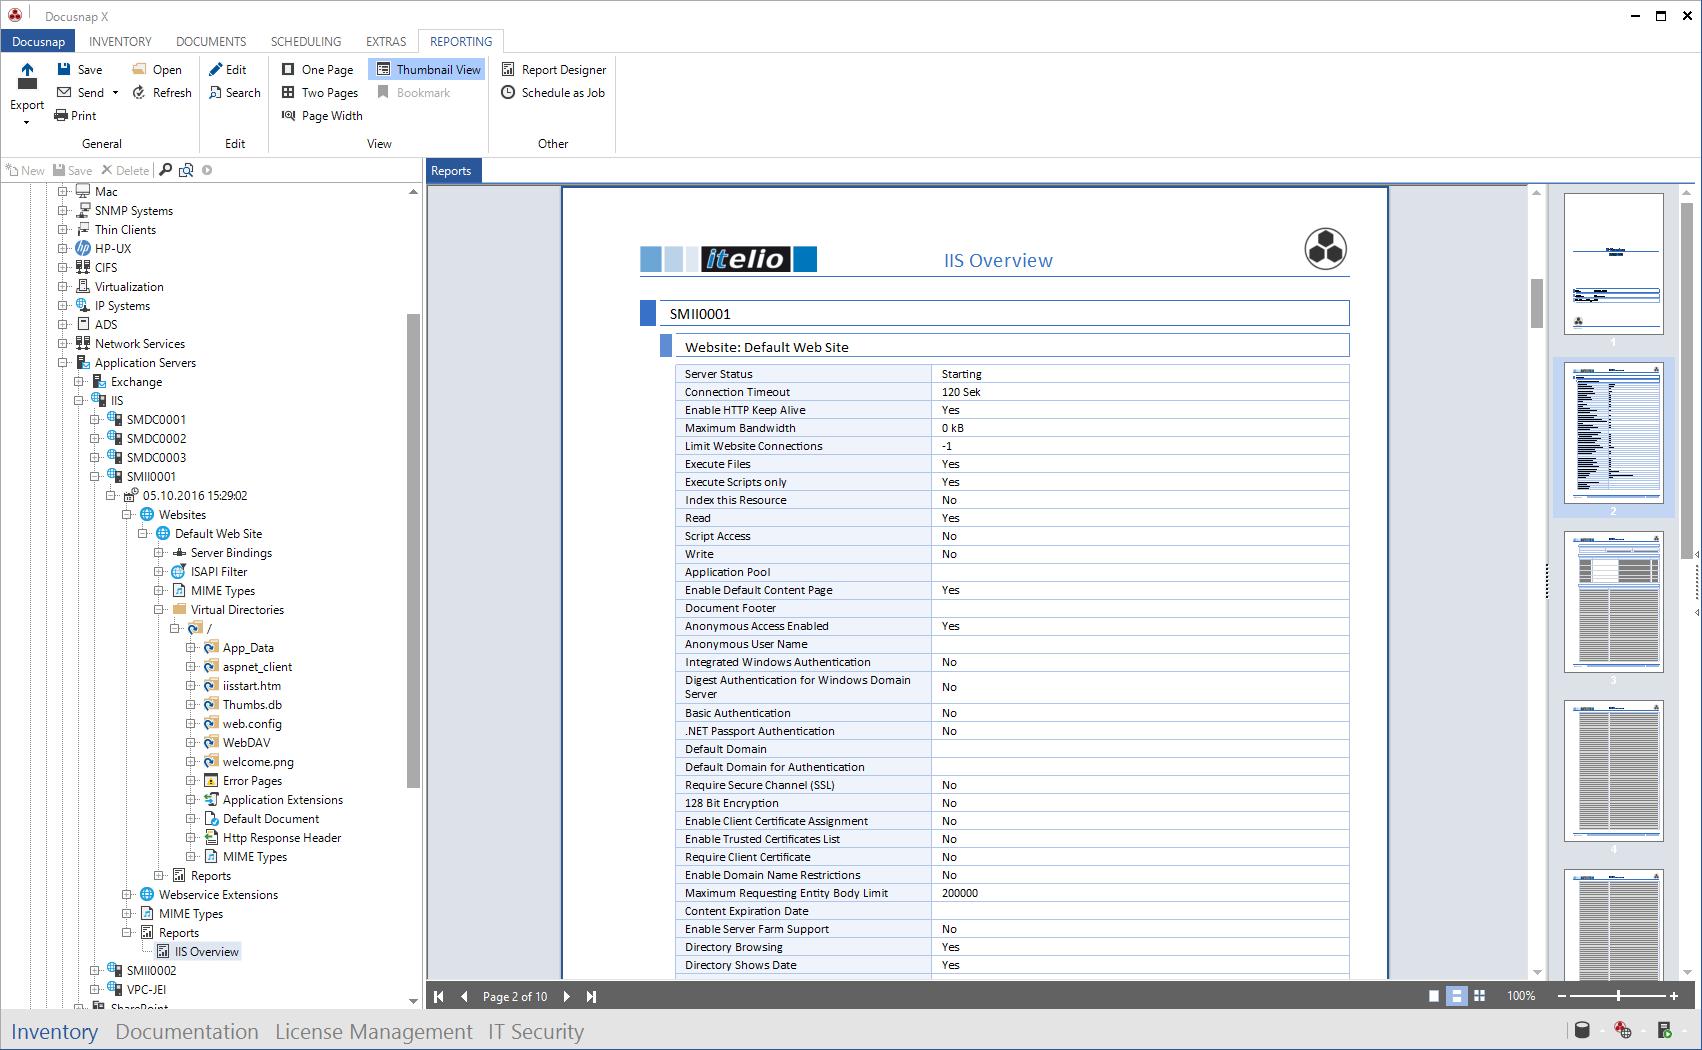 IIS Overview